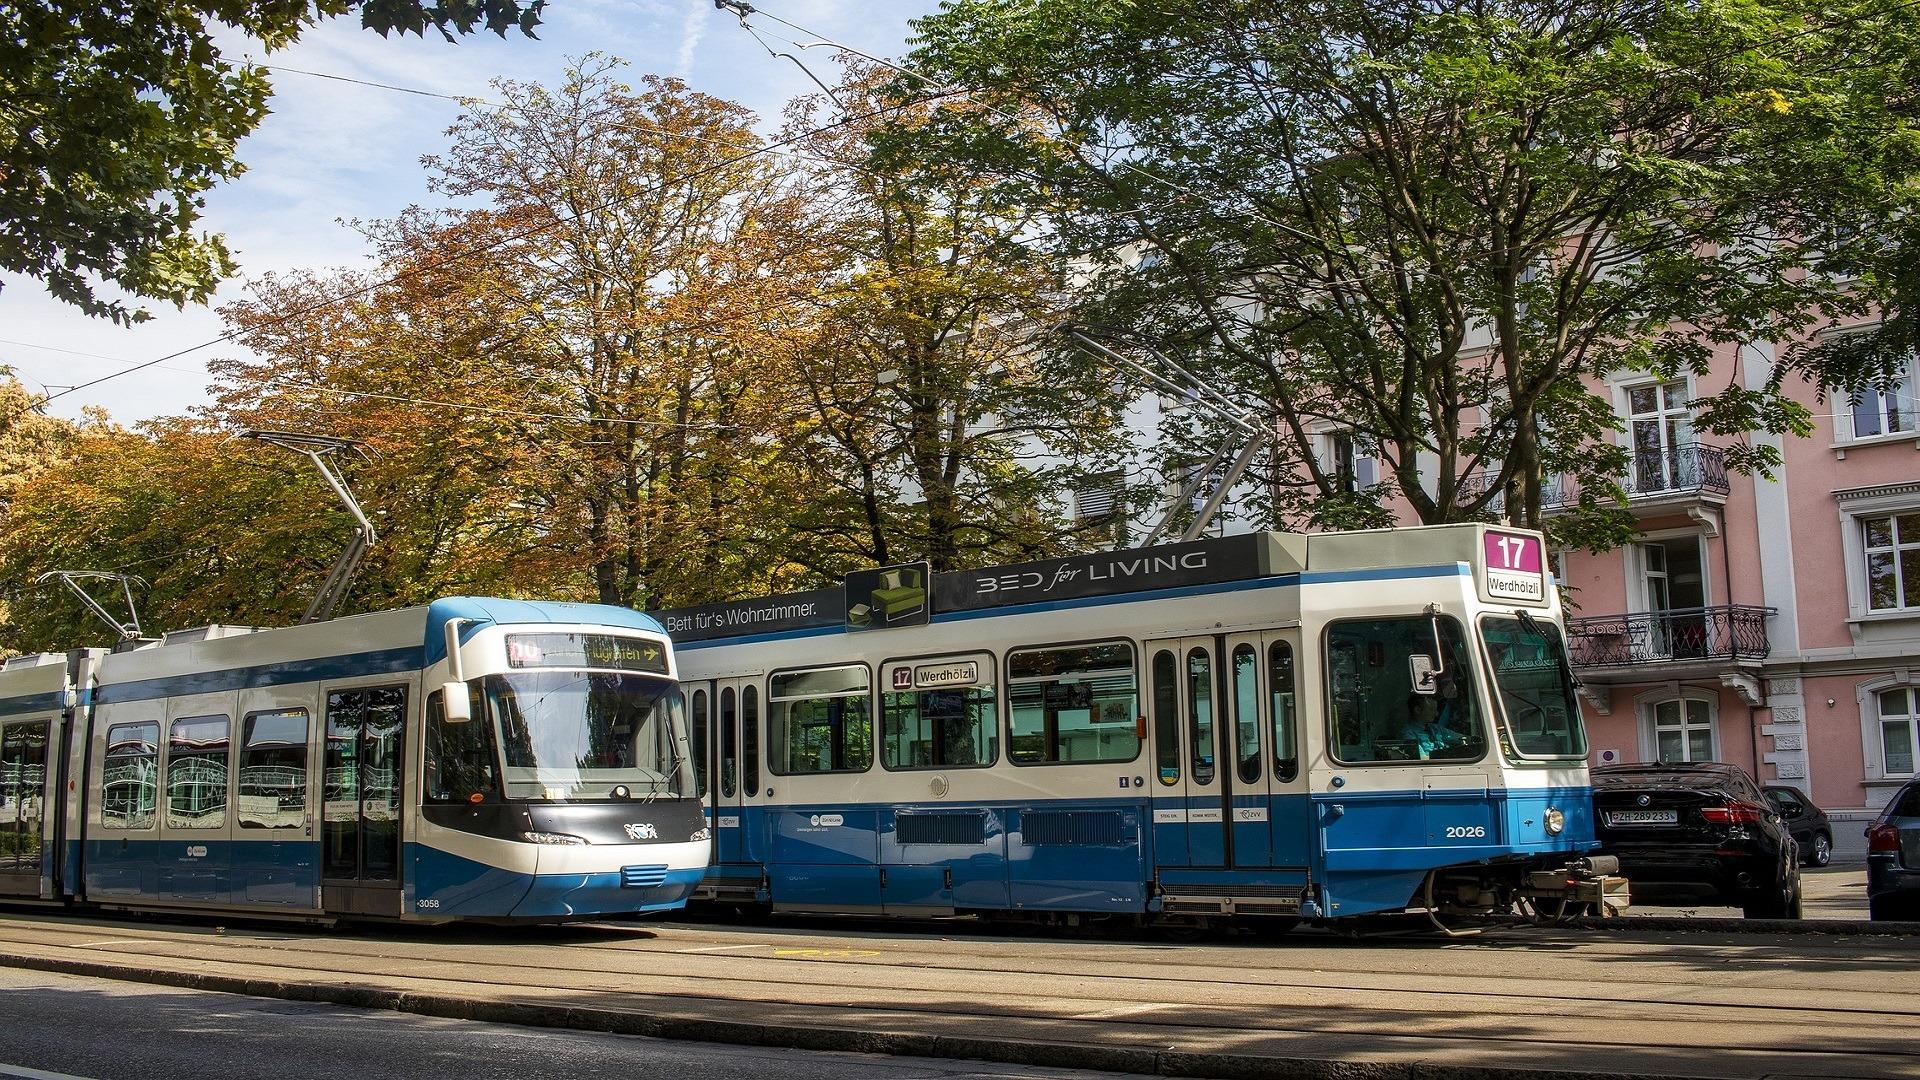 tram in the street